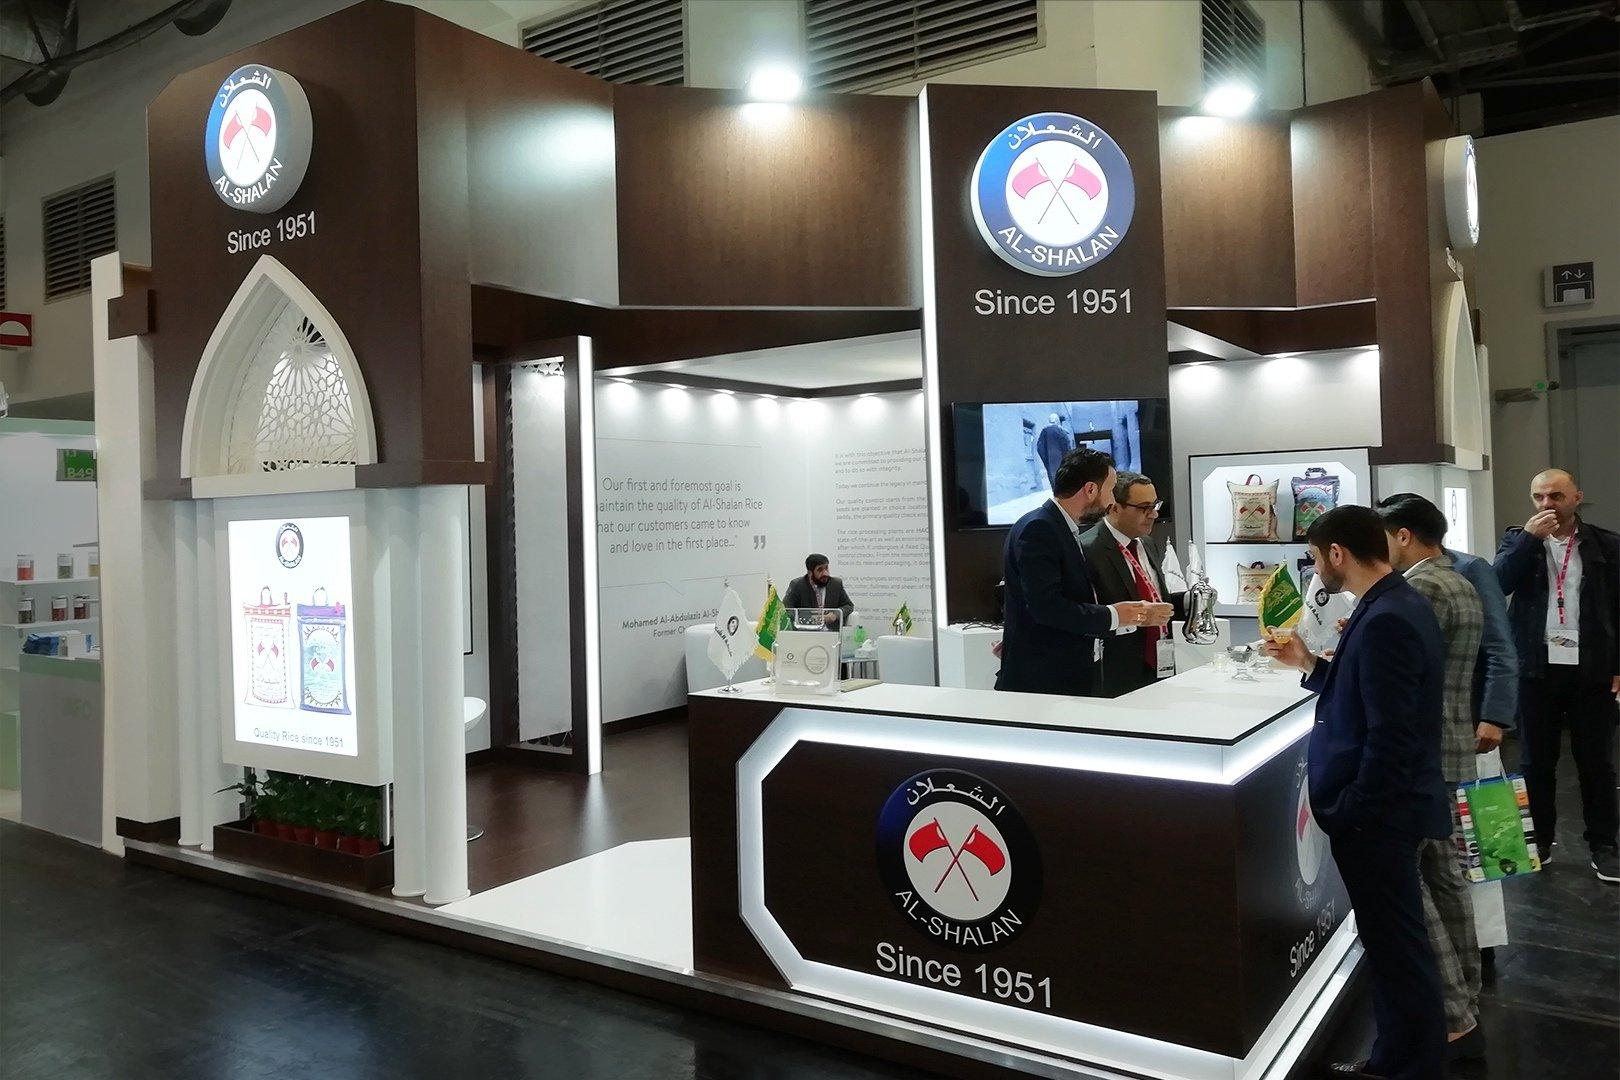 стенд компании Al-Shalan на немецкой выставке